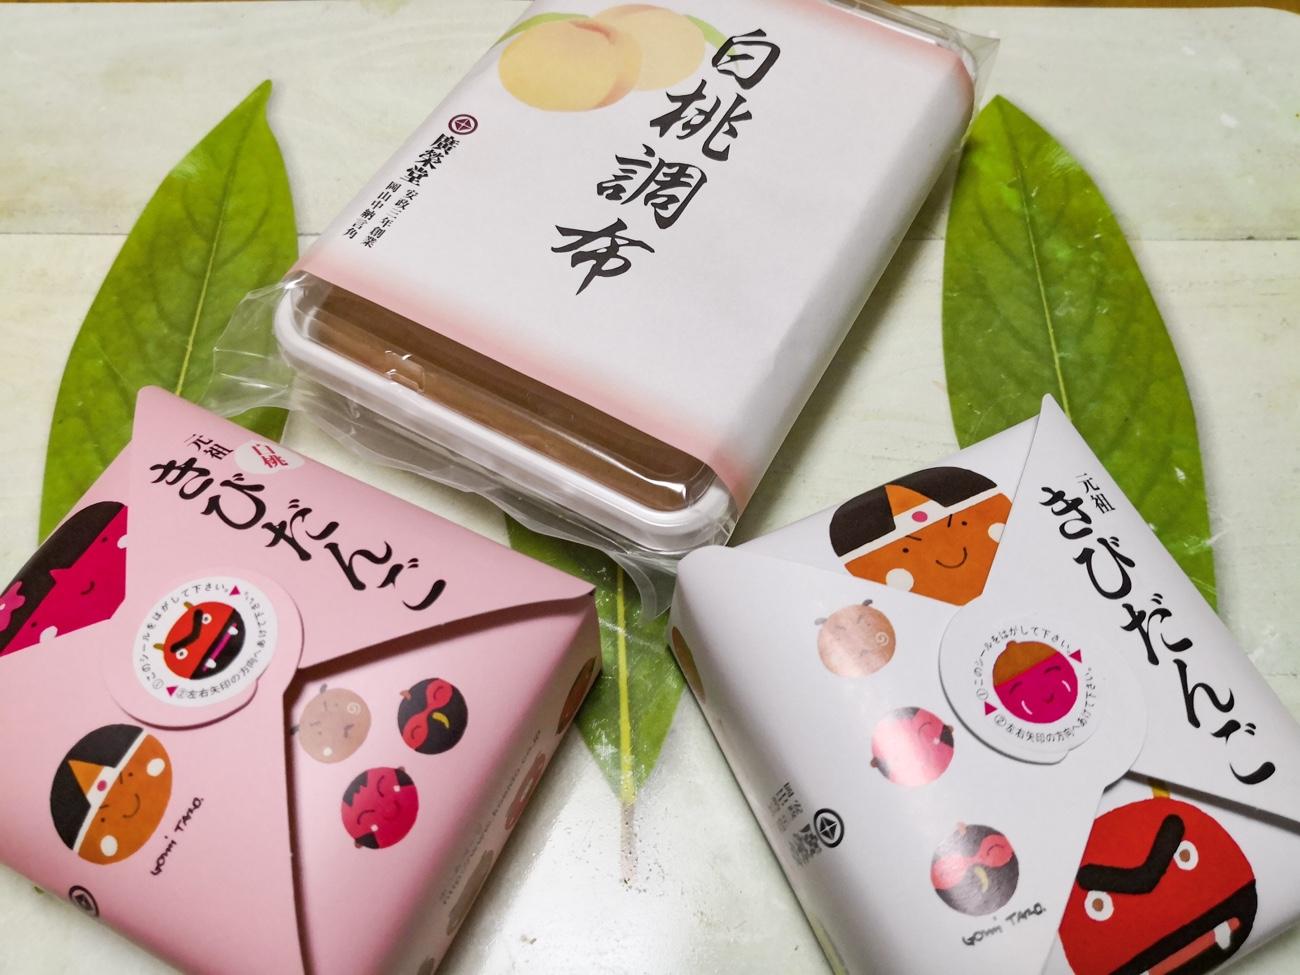 白桃調布ときびだんご 岡山三大銘菓 お土産定番